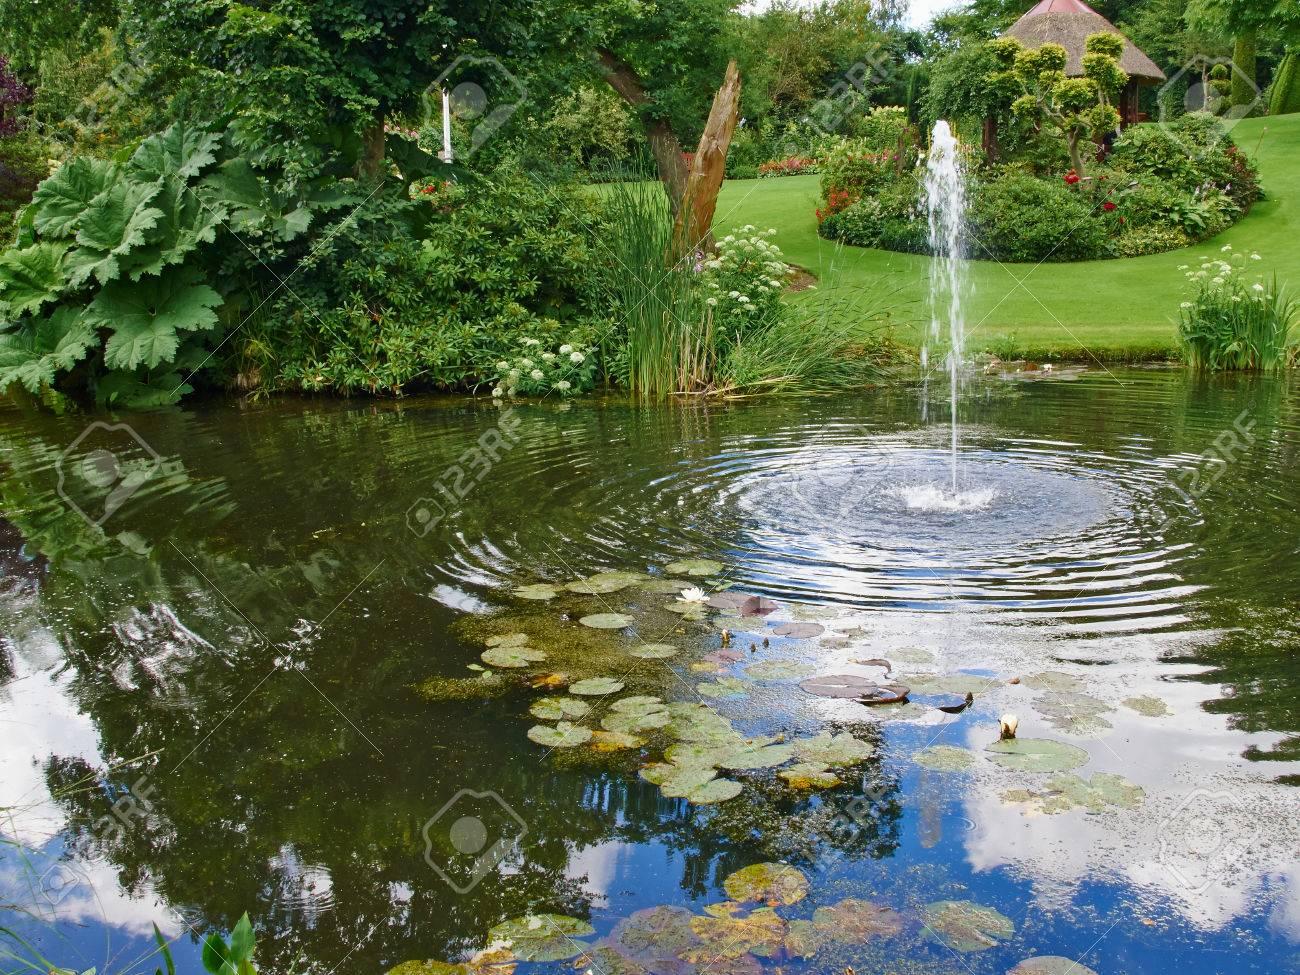 Full Size of Brunnen Garten Stein Antik Solar Amazon Wasserbrunnen Bohren Steinoptik Gartenbrunnen Steine Pumpe Obi Kugel Selber Bauen Schaukelstuhl Kugelleuchten Garten Wasserbrunnen Garten